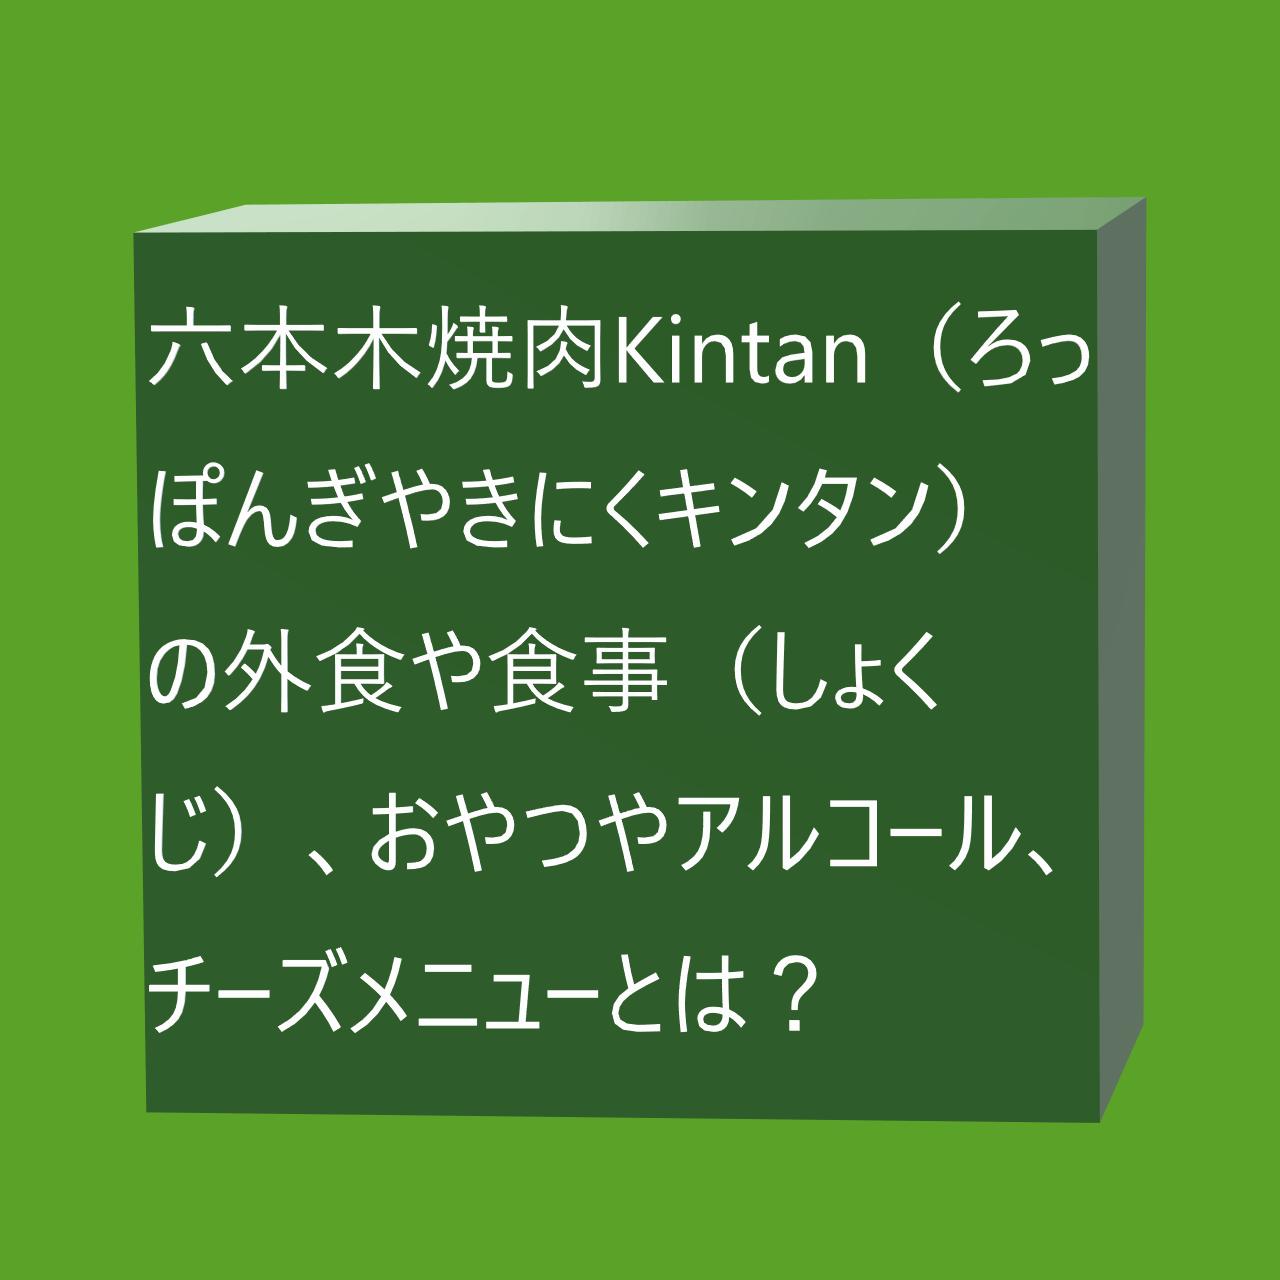 六本木焼肉Kintan(ろっぽんぎやきにくキンタン)の外食や食事(しょくじ)、おやつやアルコール、チーズメニューとは?にかかる画像(がぞう)